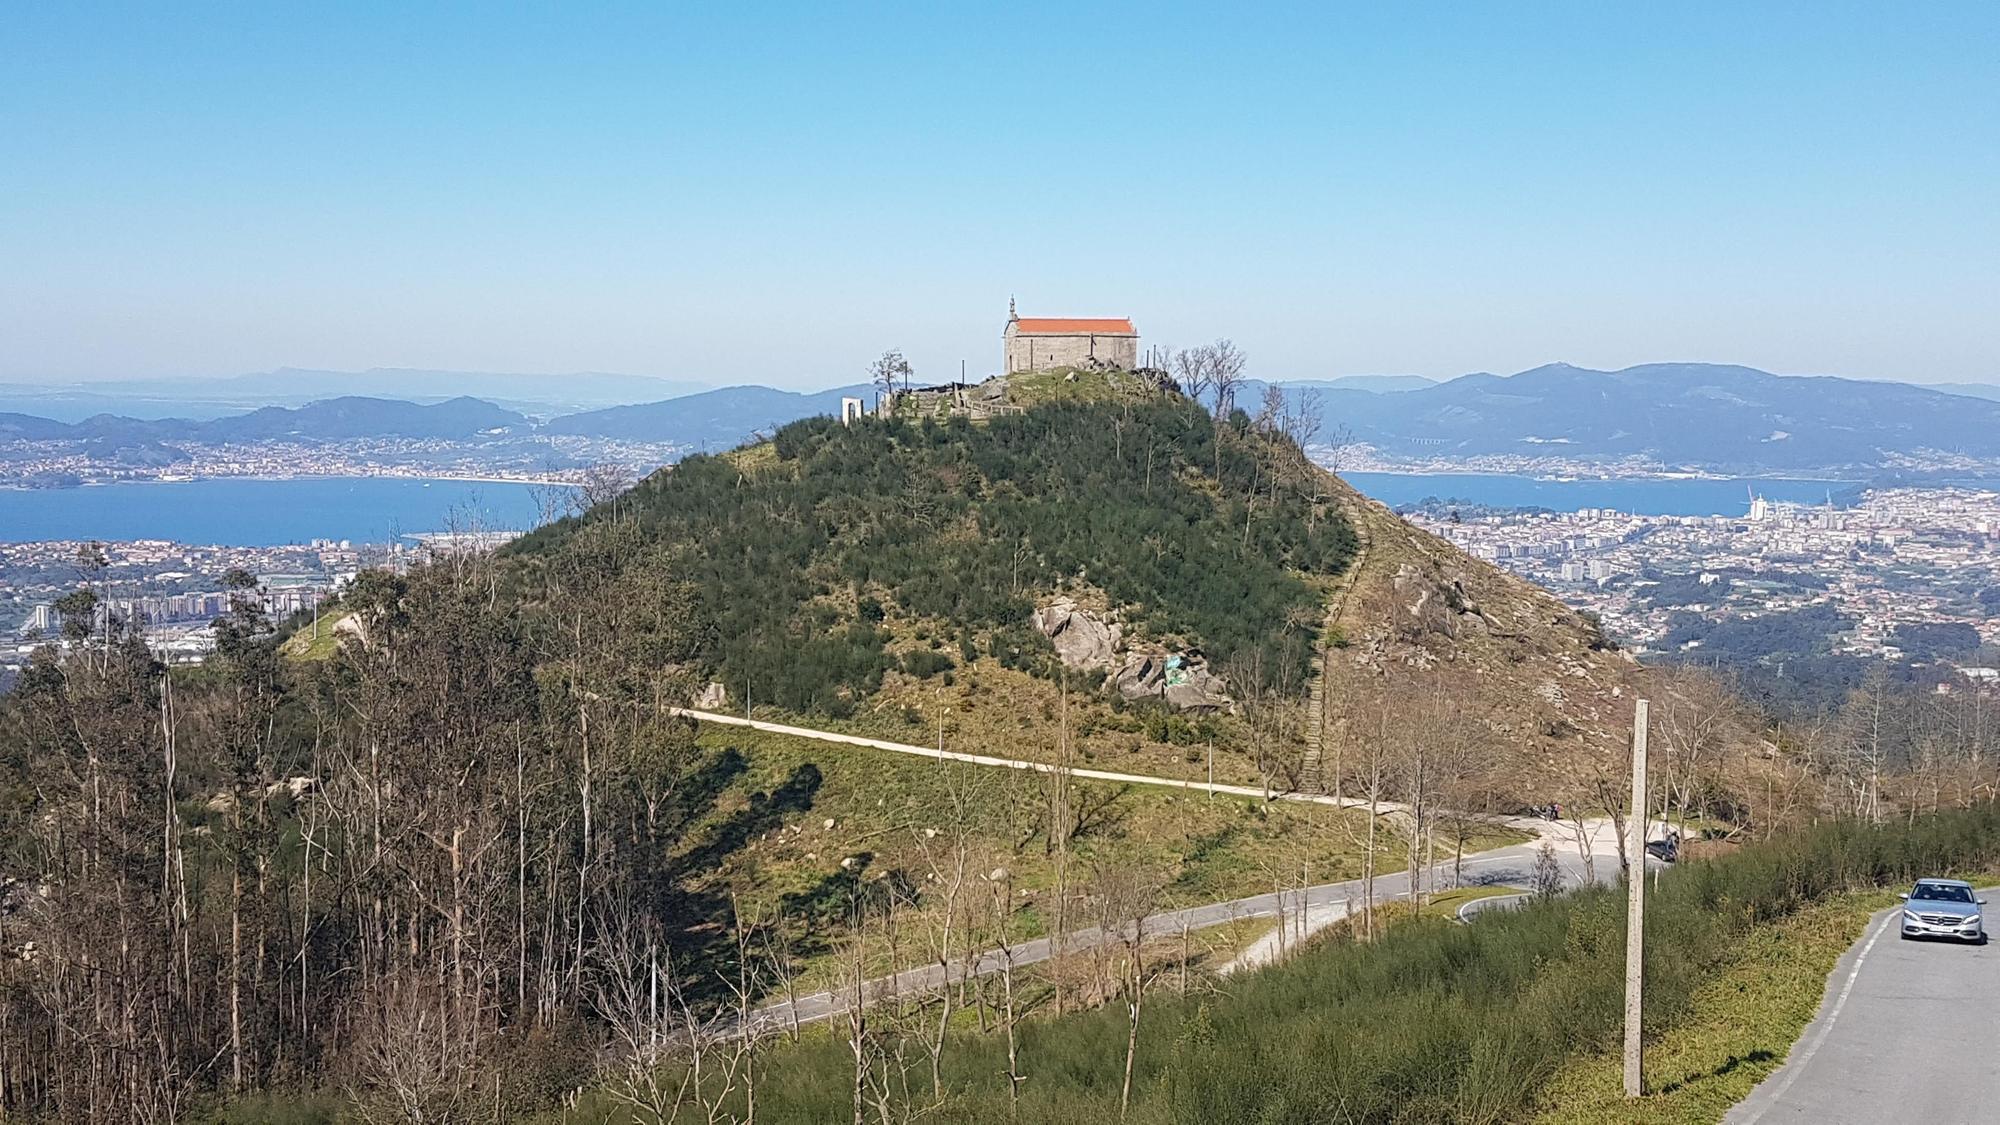 Un paseo por los montes Alba y Cepudo, dos de los mejores miradores de Vigo. / Alberto Blanco